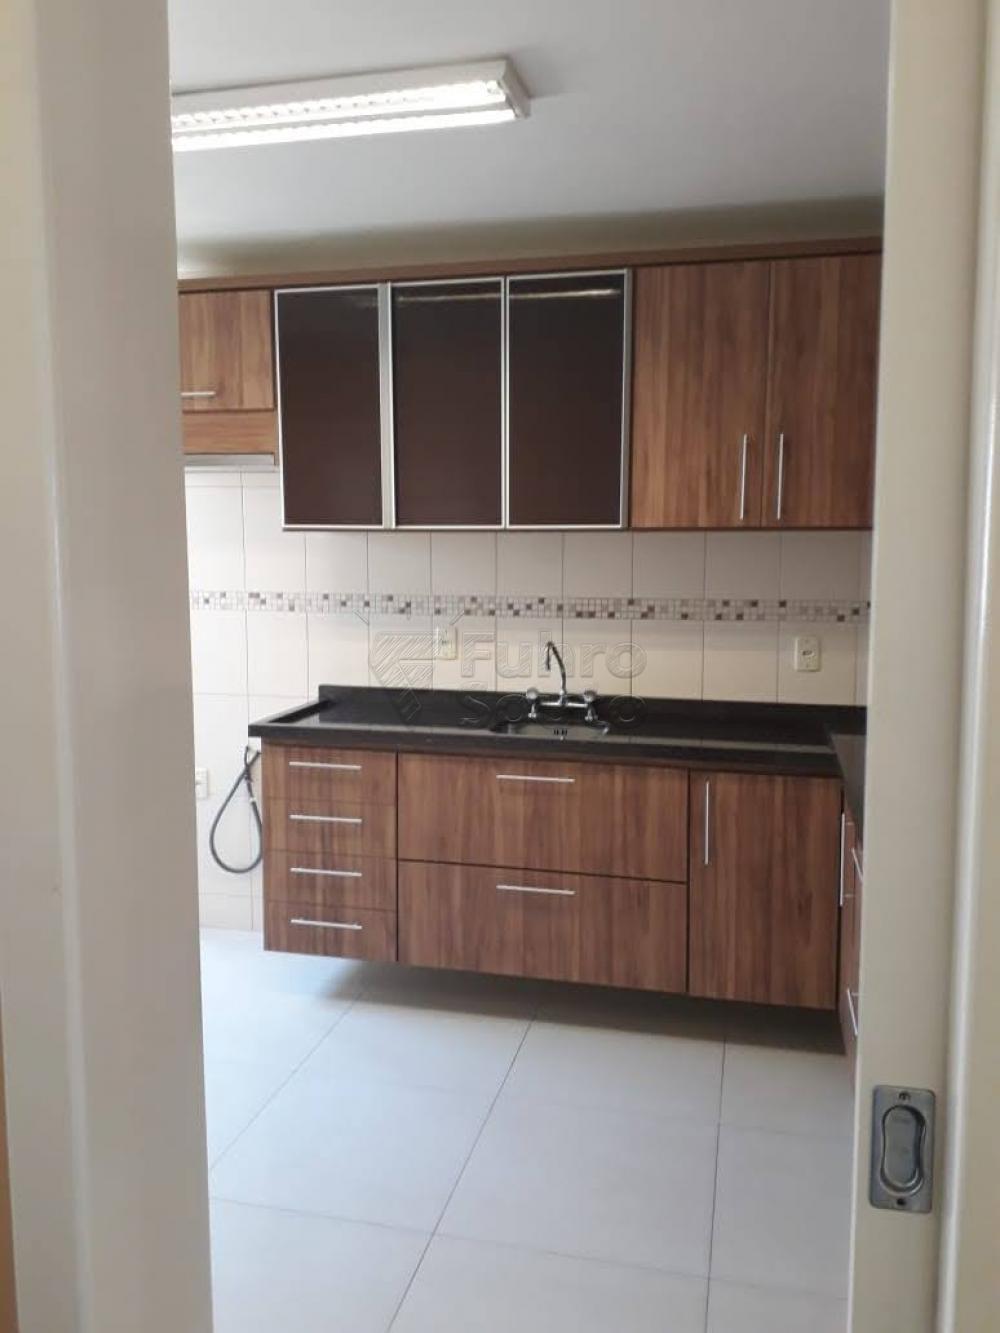 Comprar Apartamento / Padrão em Pelotas R$ 340.000,00 - Foto 17